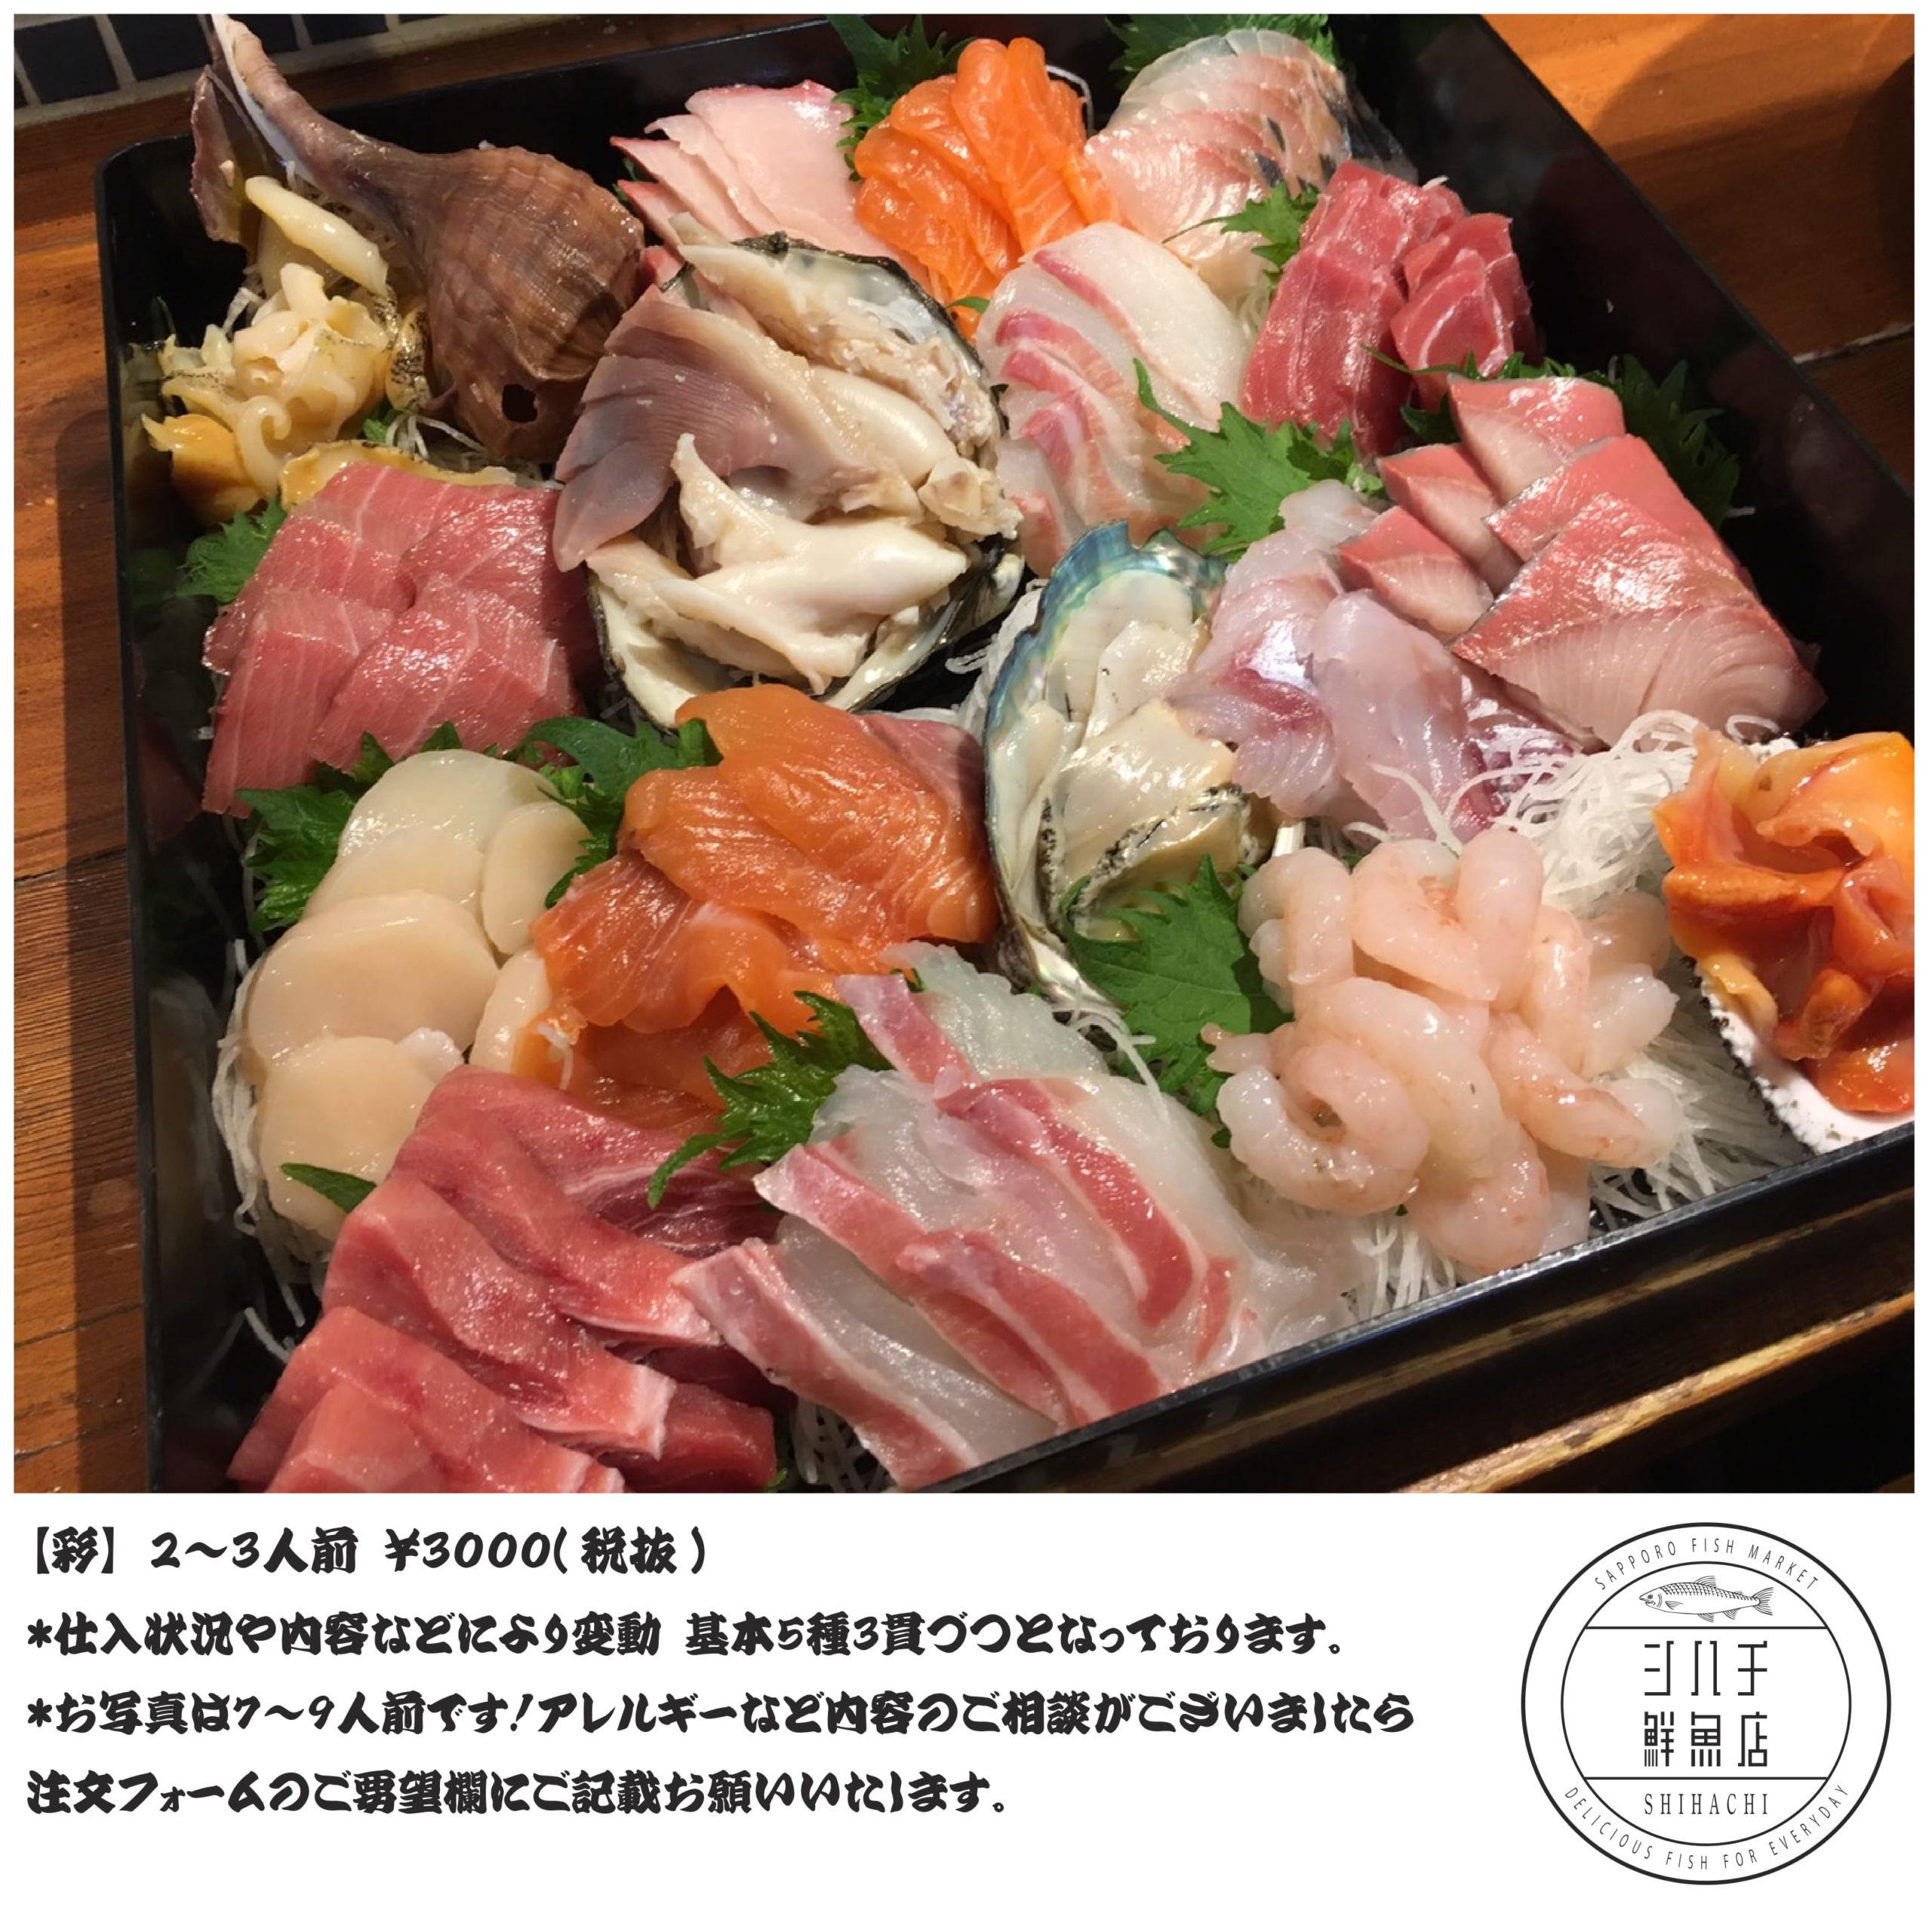 魚屋のお刺身盛合せ【彩】2~3人前